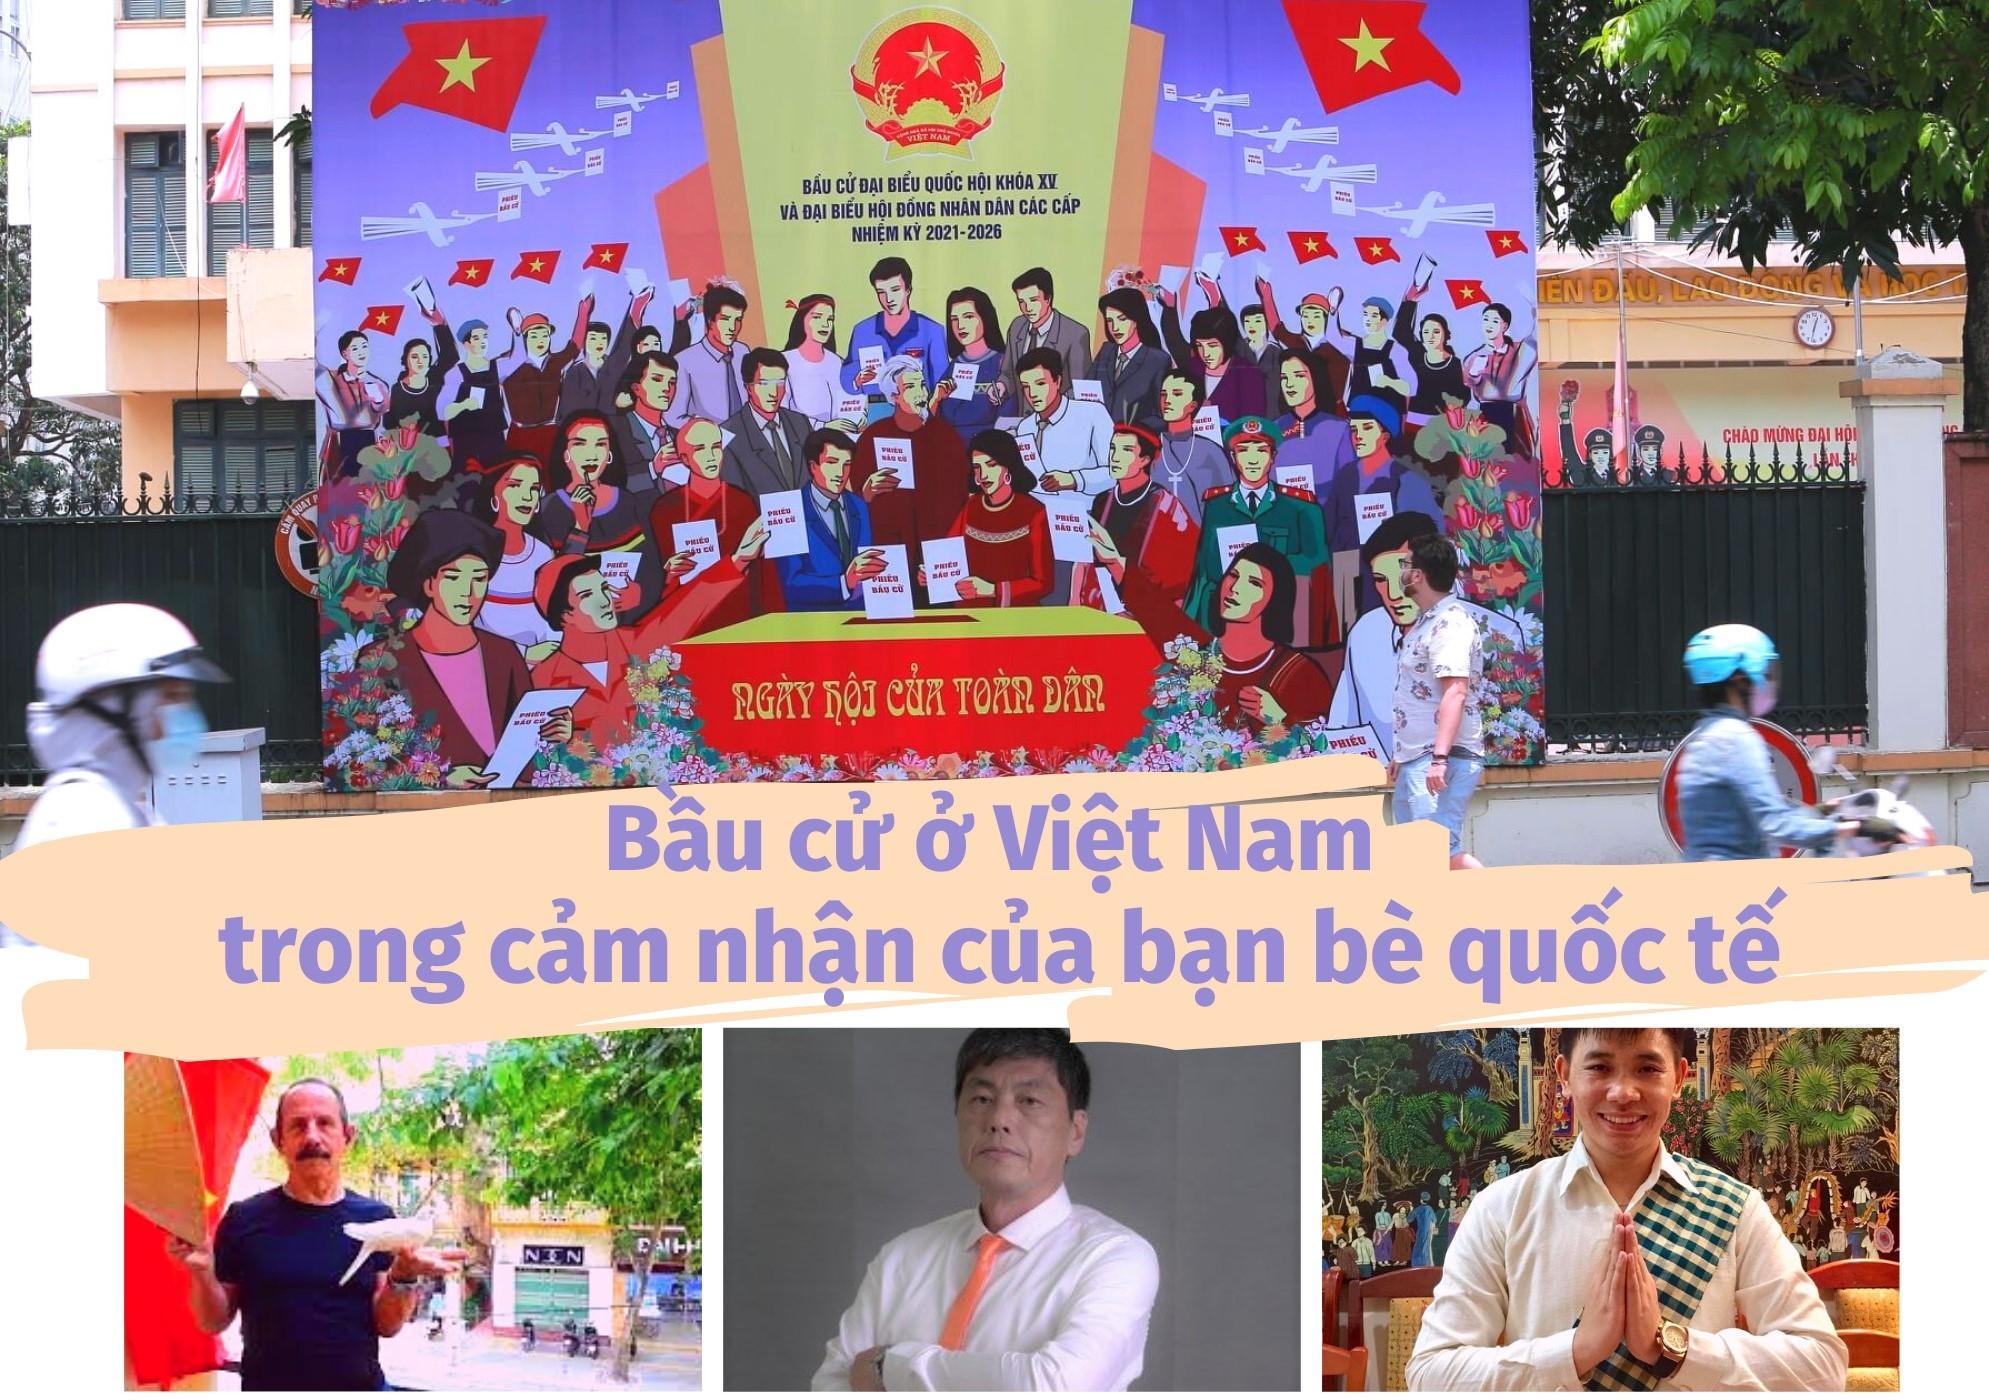 Bầu cử ở Việt Nam trong cảm nhận của bạn bè quốc tế (bài 3): Các bạn cho chúng tôi niềm tin tươi sáng